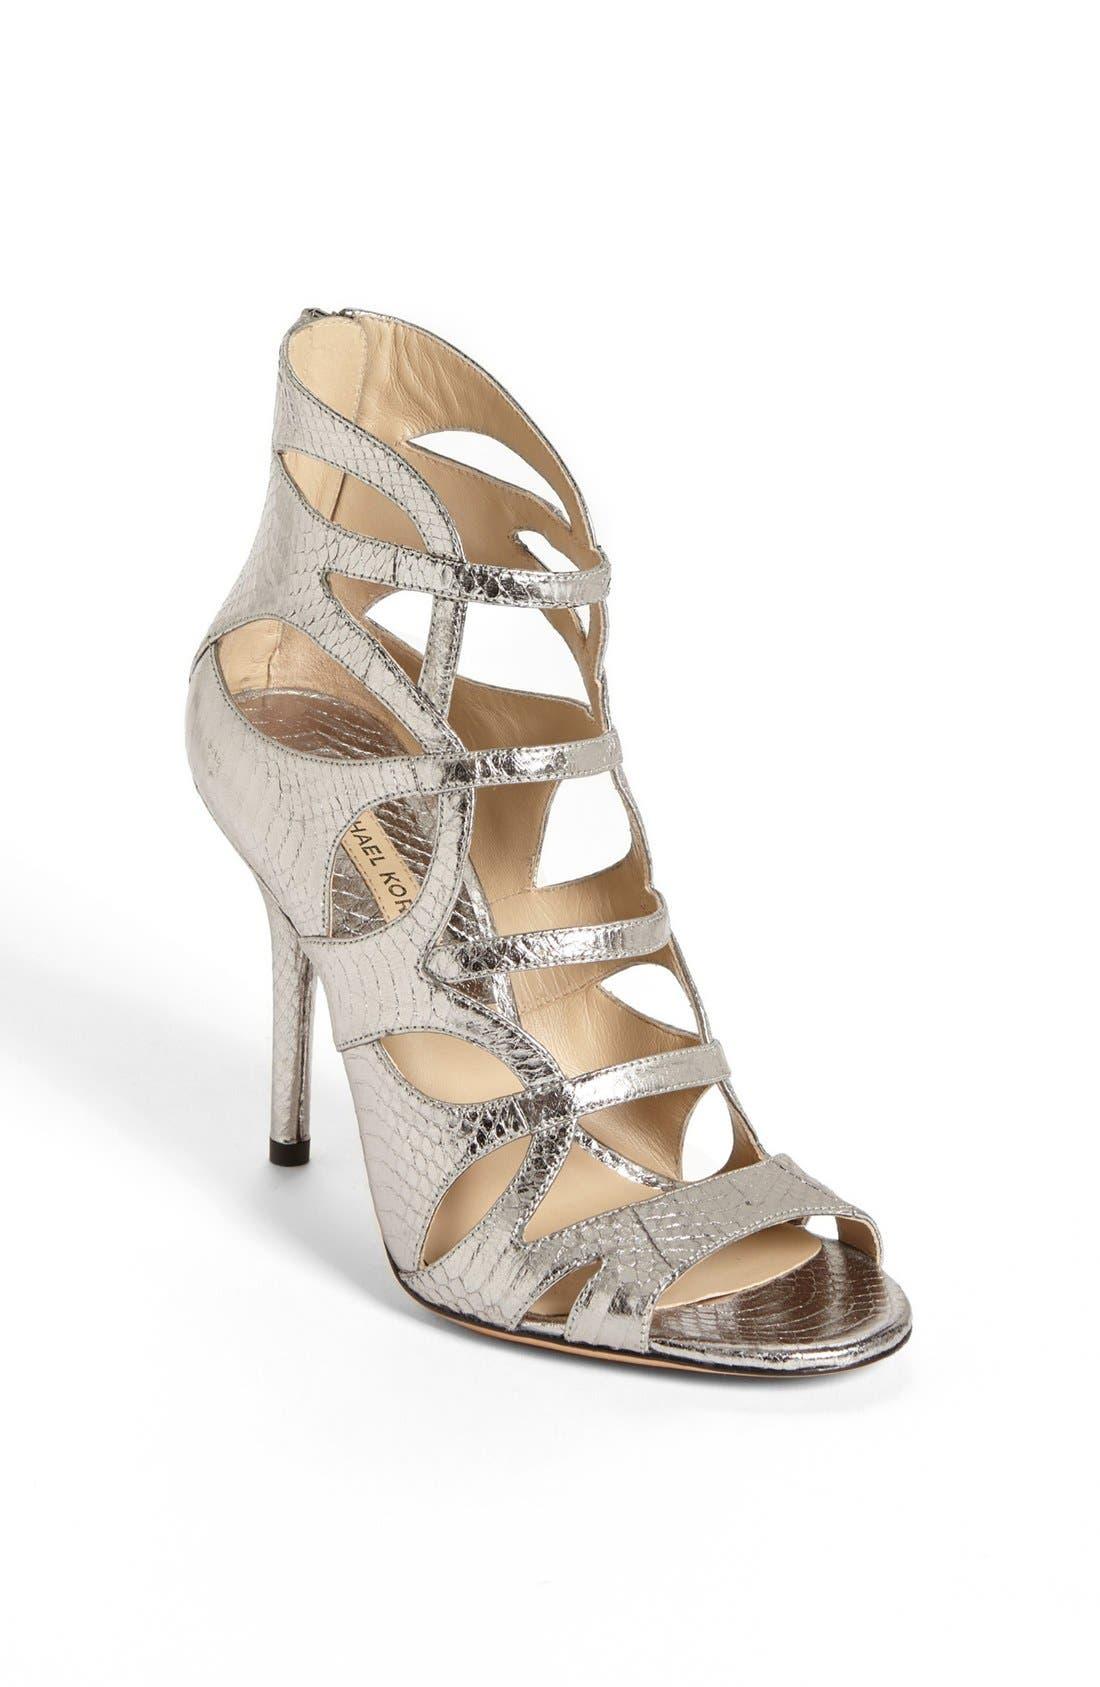 Main Image - Michael Kors 'Casey' Genuine Snakeskin Sandal